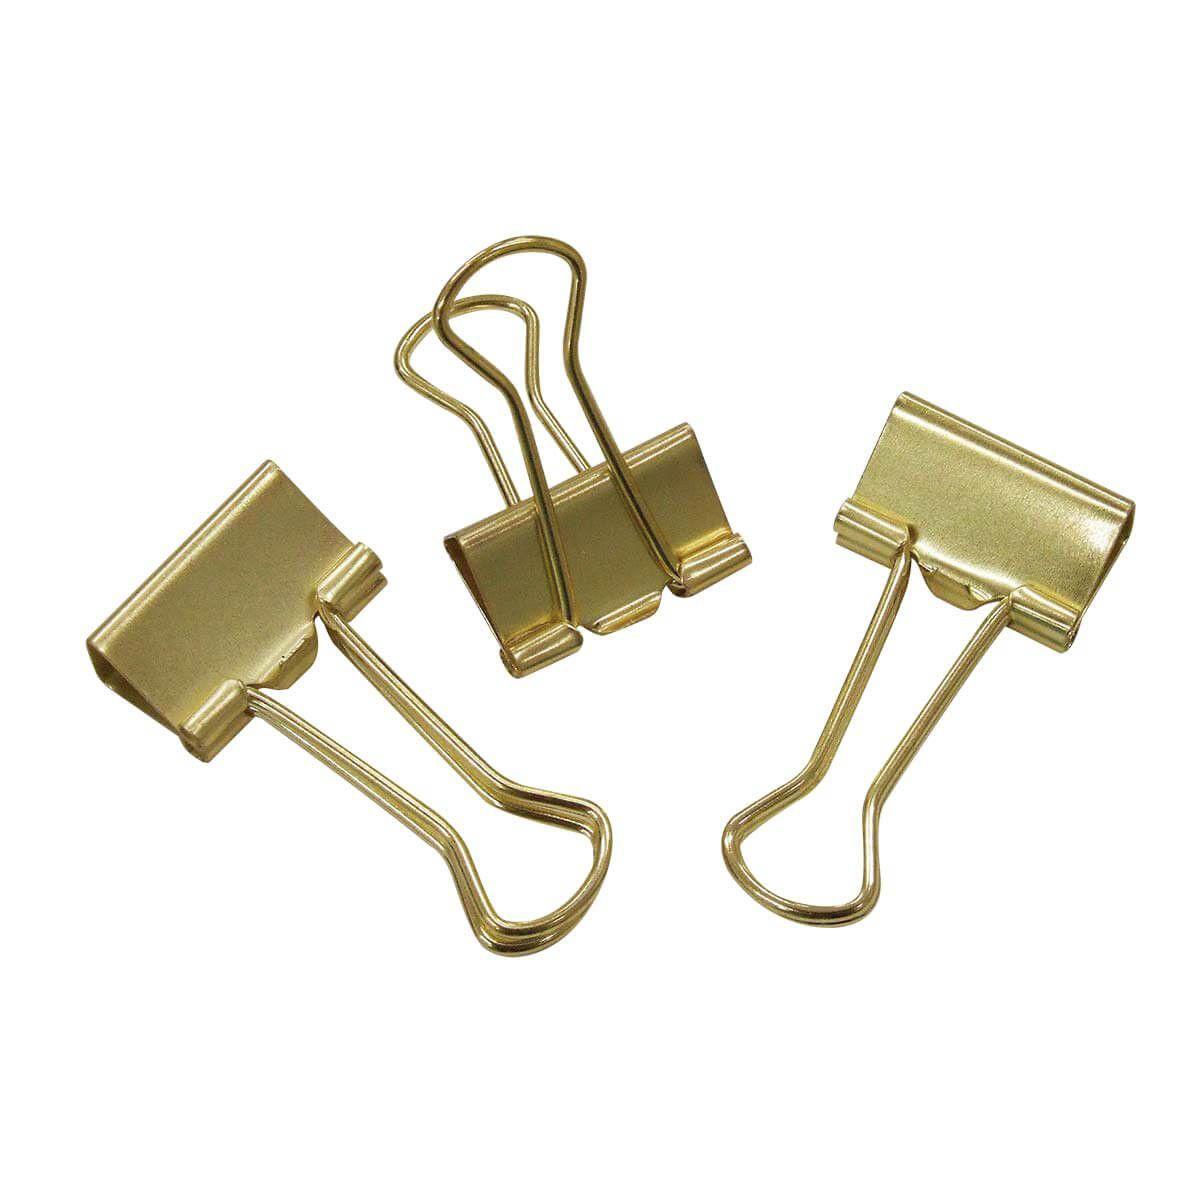 Binder clips 19 mm 12 un dourado Tilibra